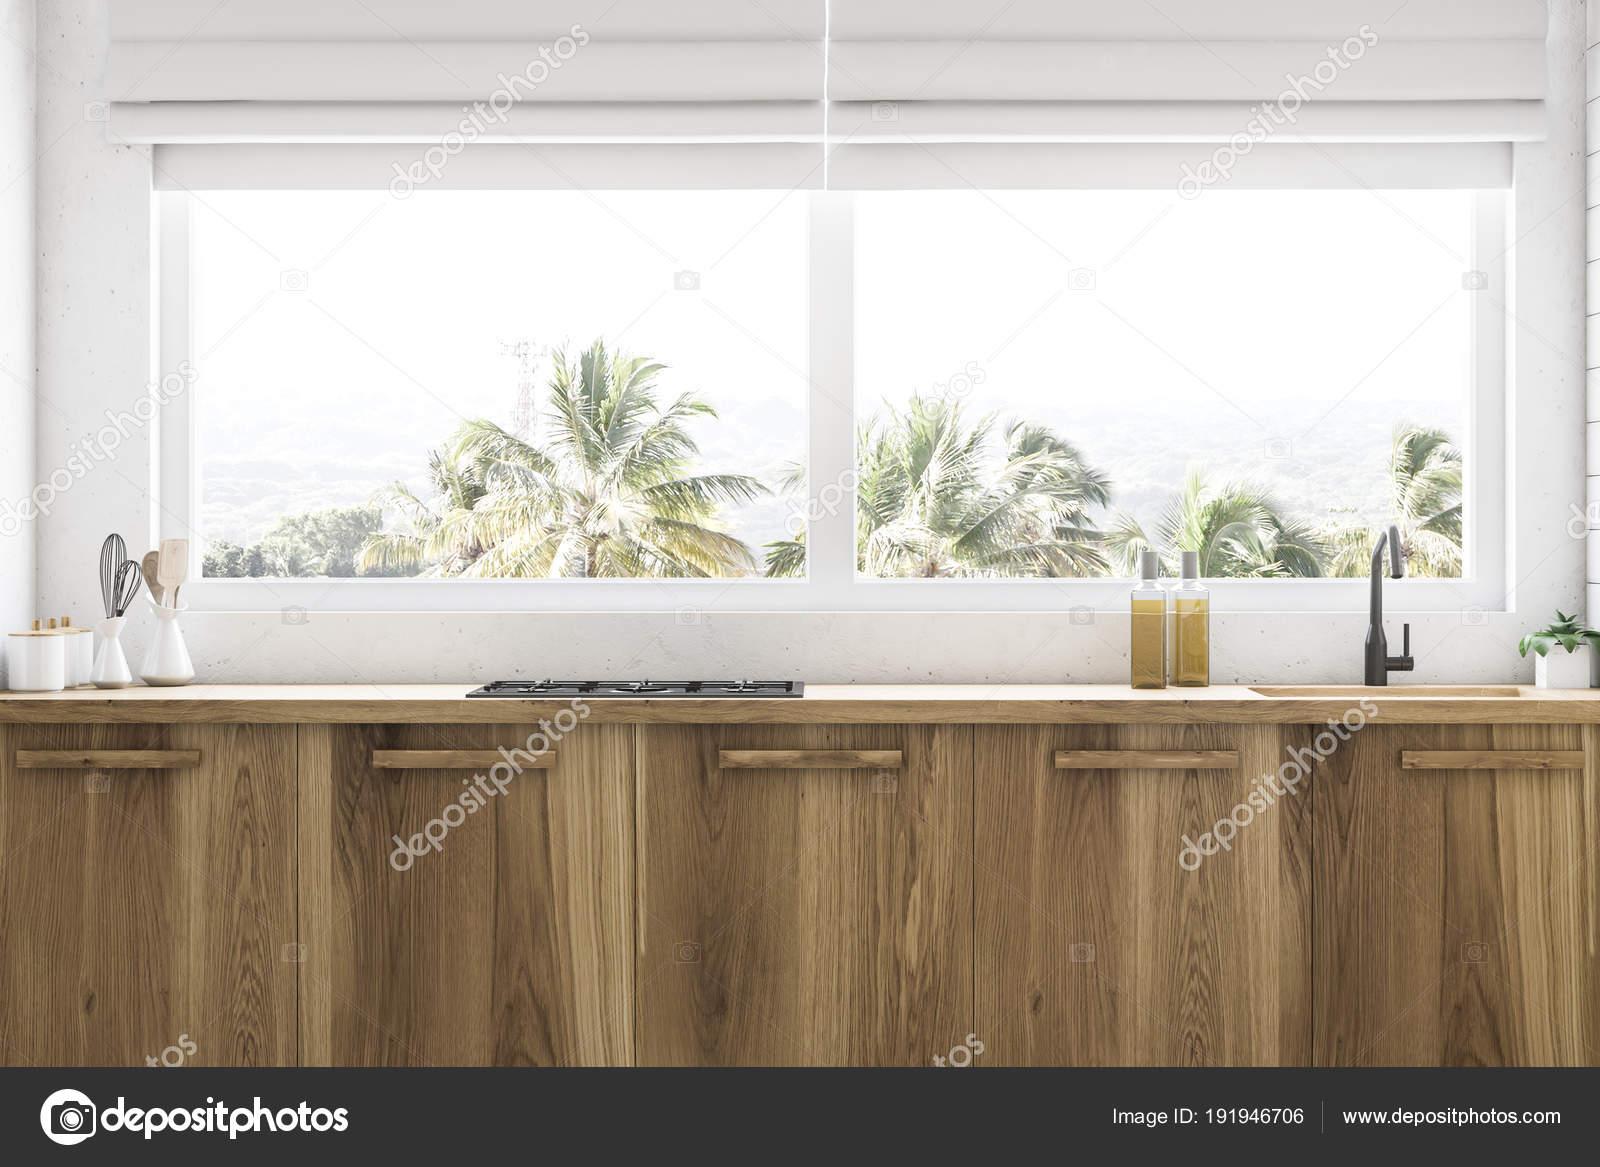 Piani cucina in legno sotto la finestra si chiuda — Foto Stock ...